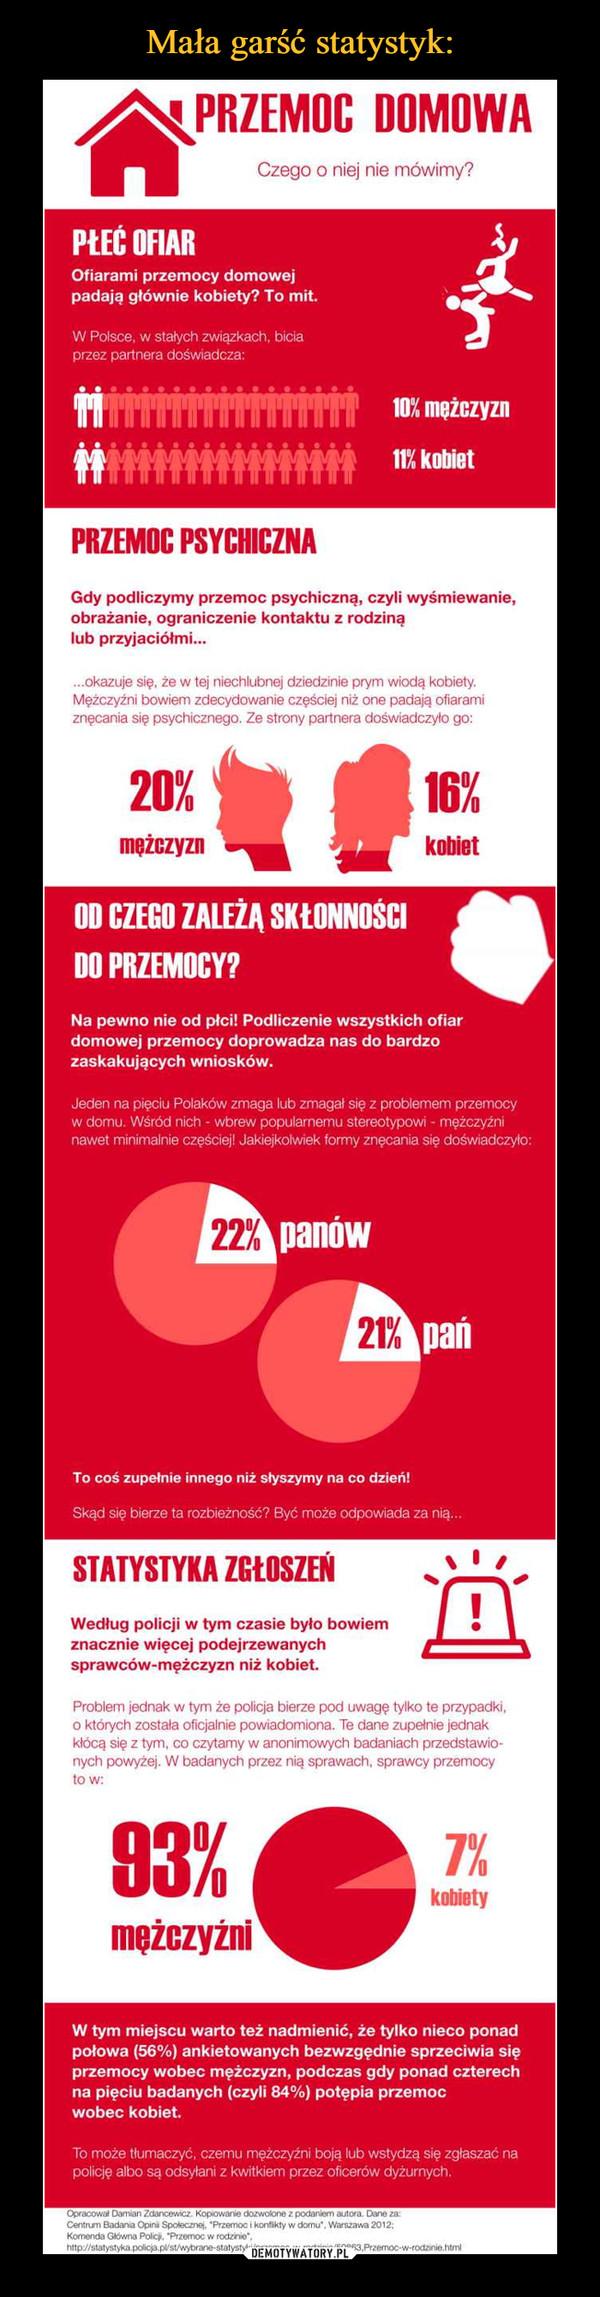 –  *PRZEMOC DOMOWA Czego o niej nie mówimy? PIEC OFIAR Ofiarami przemocy domowej padają głównie kobiety? To mit. W Polsce, w stałych związkach, bicia przez partnera doświadcza. 10% mężczyzn 11% kobiet PRZEMOC PSYCHICZNA Gdy podliczymy przemoc psychiczną, czyli wyśmiewanie, obrażanie, ograniczenie kontaktu z rodziną lub przyjaciółmi... ...okazuje się, że w tej niechlubnej dziedzinie prym wiodą kobiety. Mężczyźni bowiem zdecydowanie częściej niż one padają ofiarami znęcania się psychicznego. Ze strony partnera doświadczyło go: 20% mężczyzn 16% kobiet OD CZEGO ZALEŻĄ SKŁONNOŚCI DO PRZEMOCY? Na pewno nie od płci! Podliczenie wszystkich ofiar domowej przemocy doprowadza nas do bardzo zaskakujących wniosków. Jeden na pięciu Polaków zmaga lub zmagał się z problemem przemocy w domu. Wśród nich - wbrew popularnemu stereotypowi - mężczyźni nawet minimalnie częściej! Jakiejkolwiek formy znęcania się doświadczyło: panów To coś zupełnie innego niż słyszymy na co dzień! pań Skąd się bierze ta rozbieżność? Być może odpowiada za nią... STATYSTYKA ZROSZEŃ Według policji w tym czasie było bowiem znacznie więcej podejrzewanych sprawców-mężczyzn niż kobiet. s I s Problem jednak w tym że policja bierze pod uwagę tylko te przypadki, o których została oficjalnie powiadomiona. Te dane zupełnie jednak kłócą się z tym, co czytamy w anonimowych badaniach przedstawionych powyżej. W badanych przez nią sprawach, sprawcy przemocy to w: 93% 0 ko 72° mężczyźni W tym miejscu warto też nadmienić, że tylko nieco ponad połowa (56%) ankietowanych bezwzględnie sprzeciwia się przemocy wobec mężczyzn, podczas gdy ponad czterech na pięciu badanych (czyli 84%) potępia przemoc wobec kobiet. To może tłumaczyć, czemu mężczyźni boją lub wstydzą się zgłaszać na policję albo są odsyłani z kwitkiem przez oficerów dyżurnych.